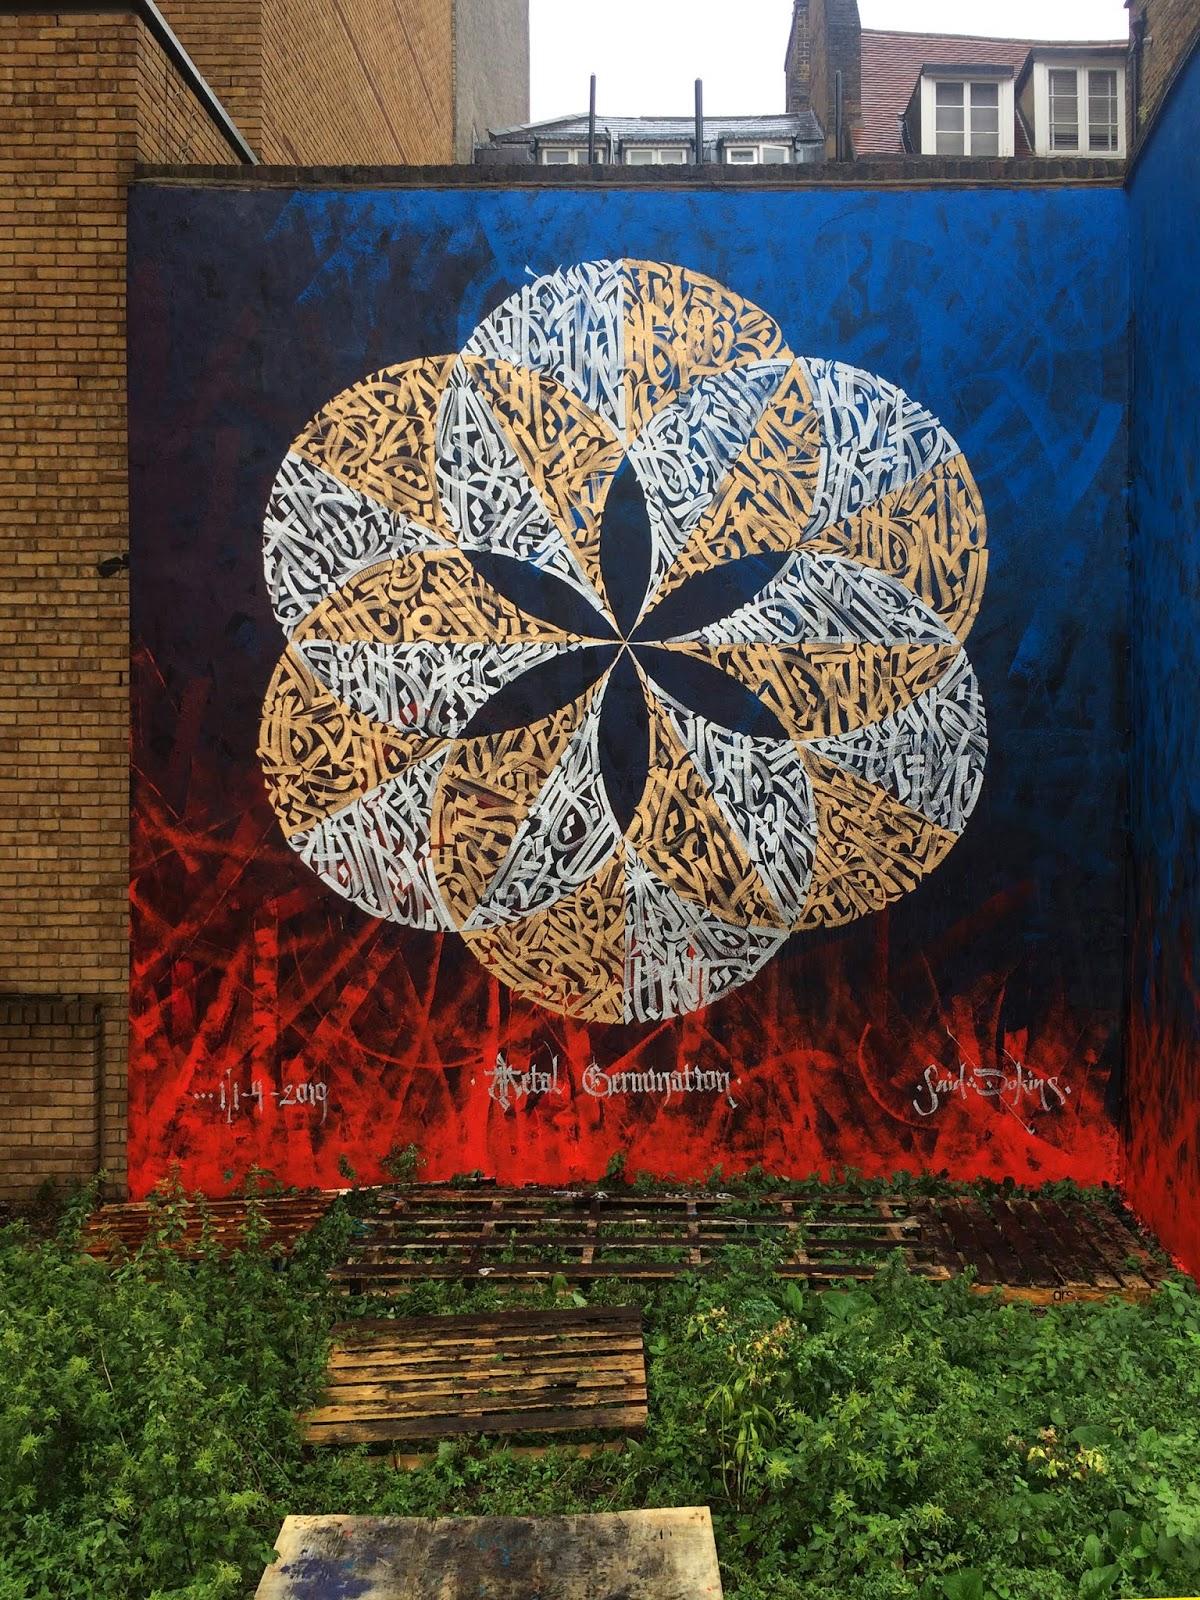 Detalle de la caligrafía y caligrafiti en el mural de Sadi Dokins en Londres